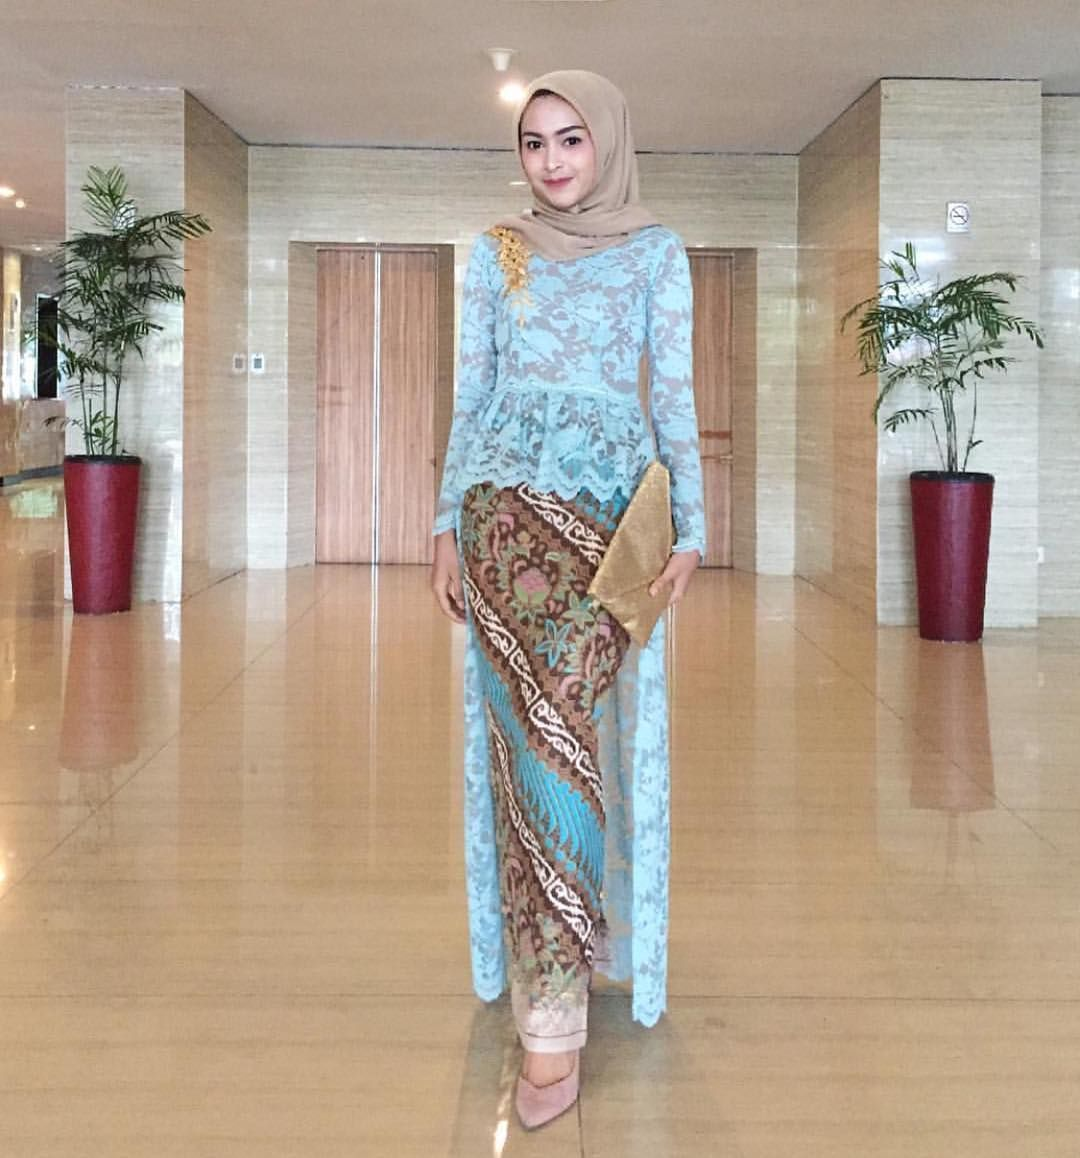 Tutorial Hijab Segi Empat Dengan Kebaya Model Pakaian Model Pakaian Hijab Model Baju Wanita